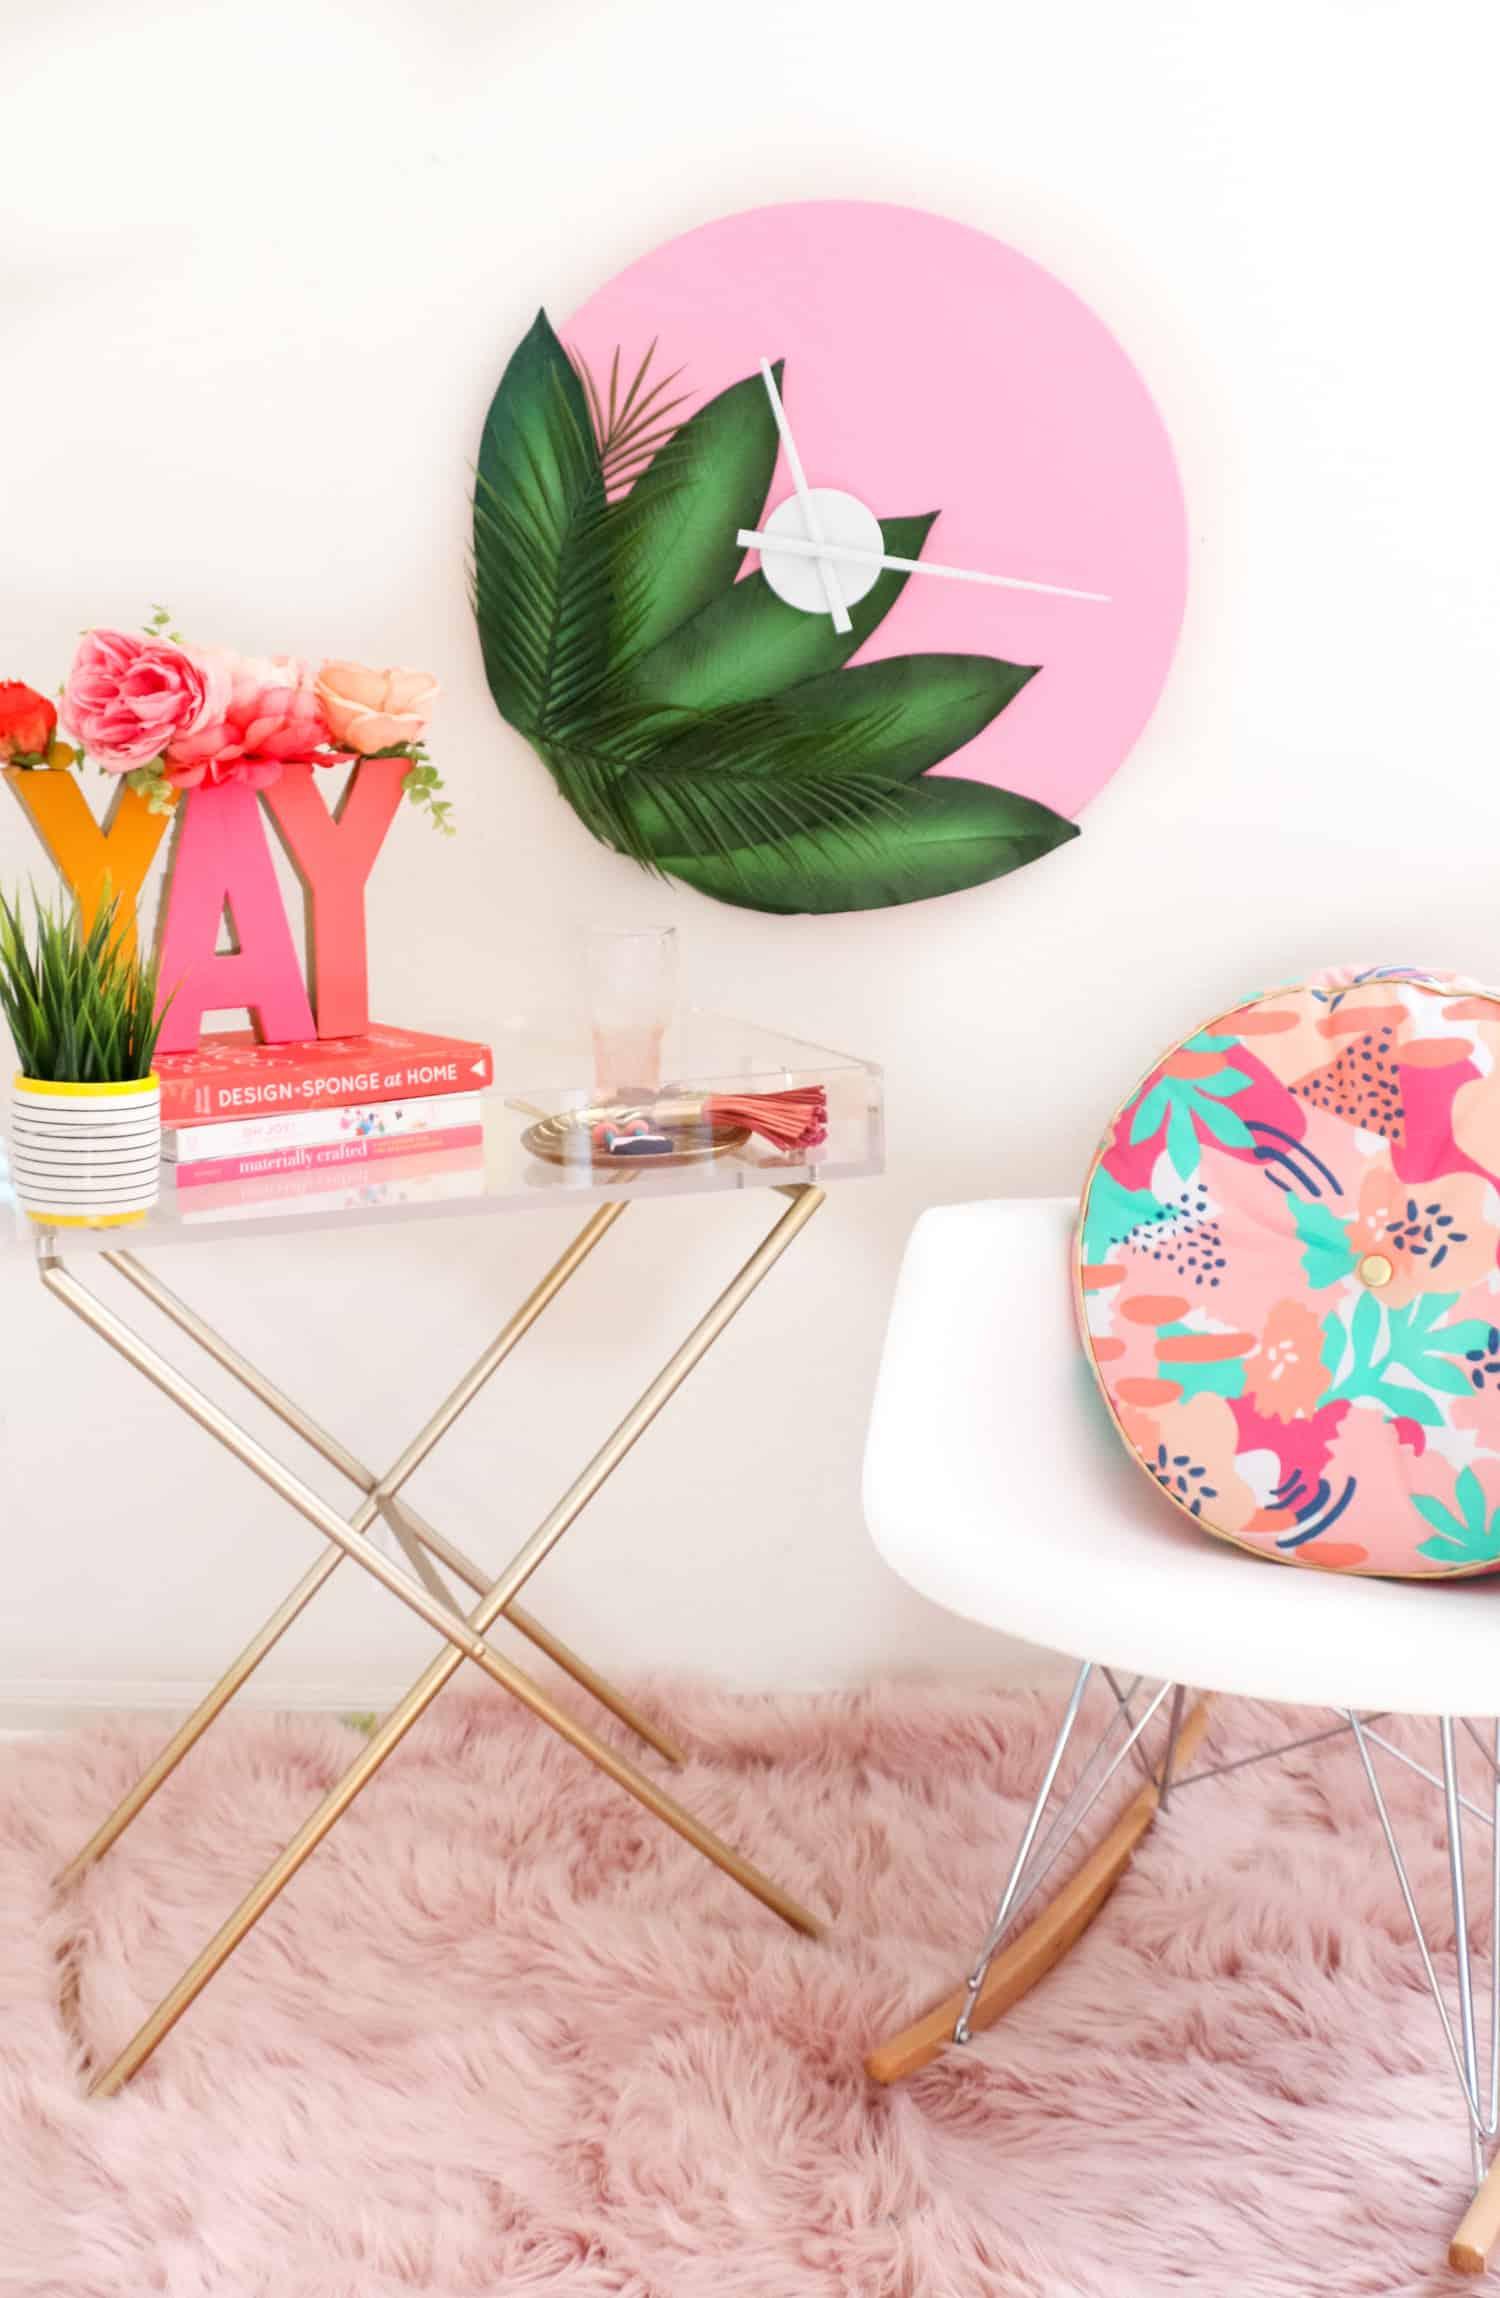 Flores na estampa da almofada e para decorar as letras sobre a mesinha